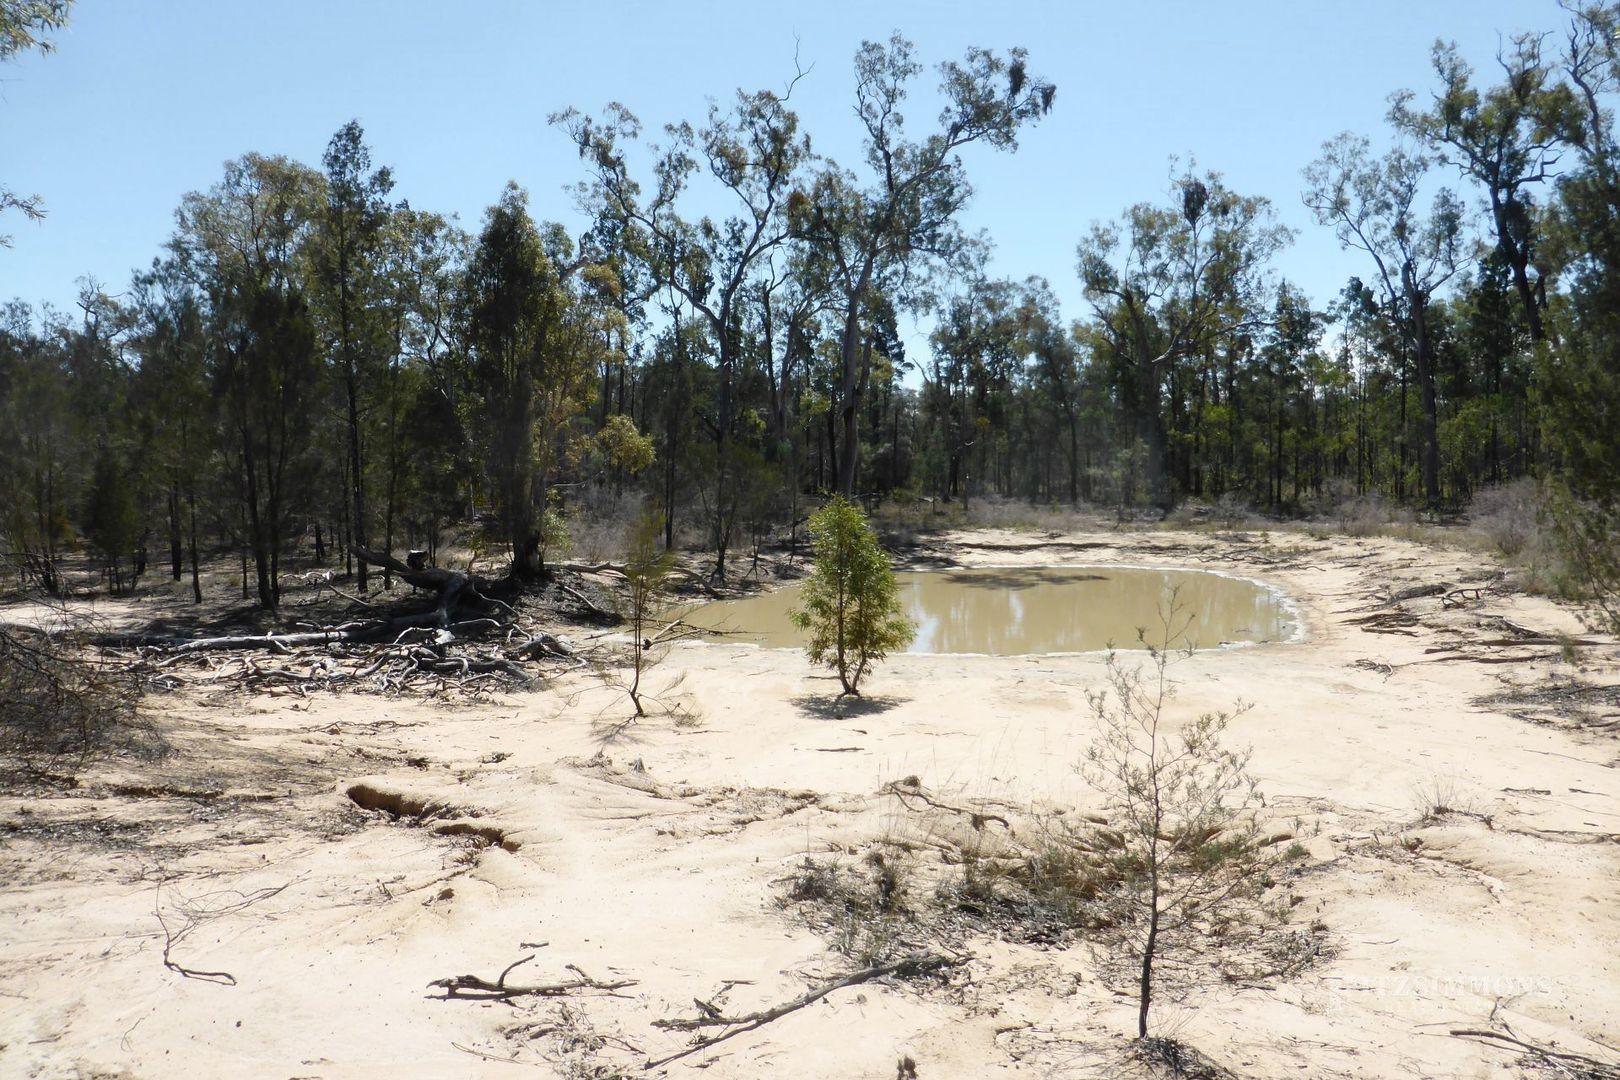 Lot 25 Bulloak Drive, Kumbarilla, Dalby QLD 4405, Image 2